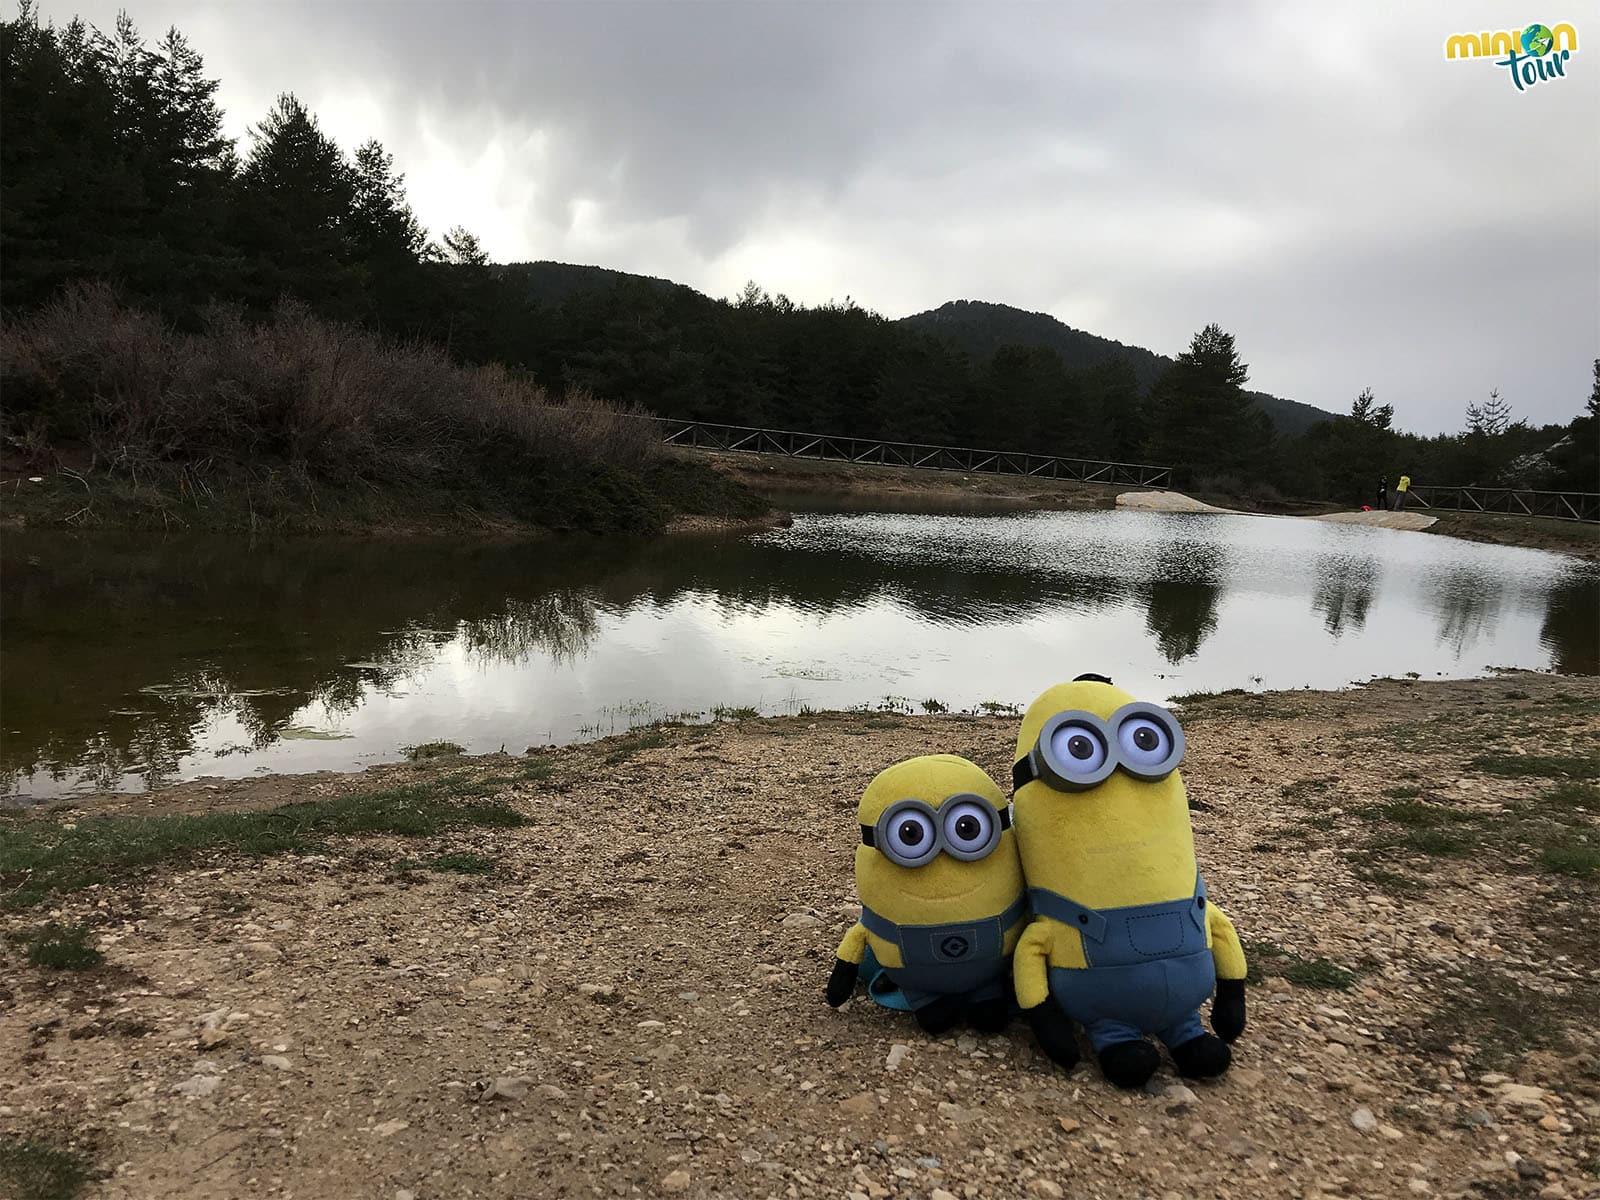 Buscando el nacimiento del río